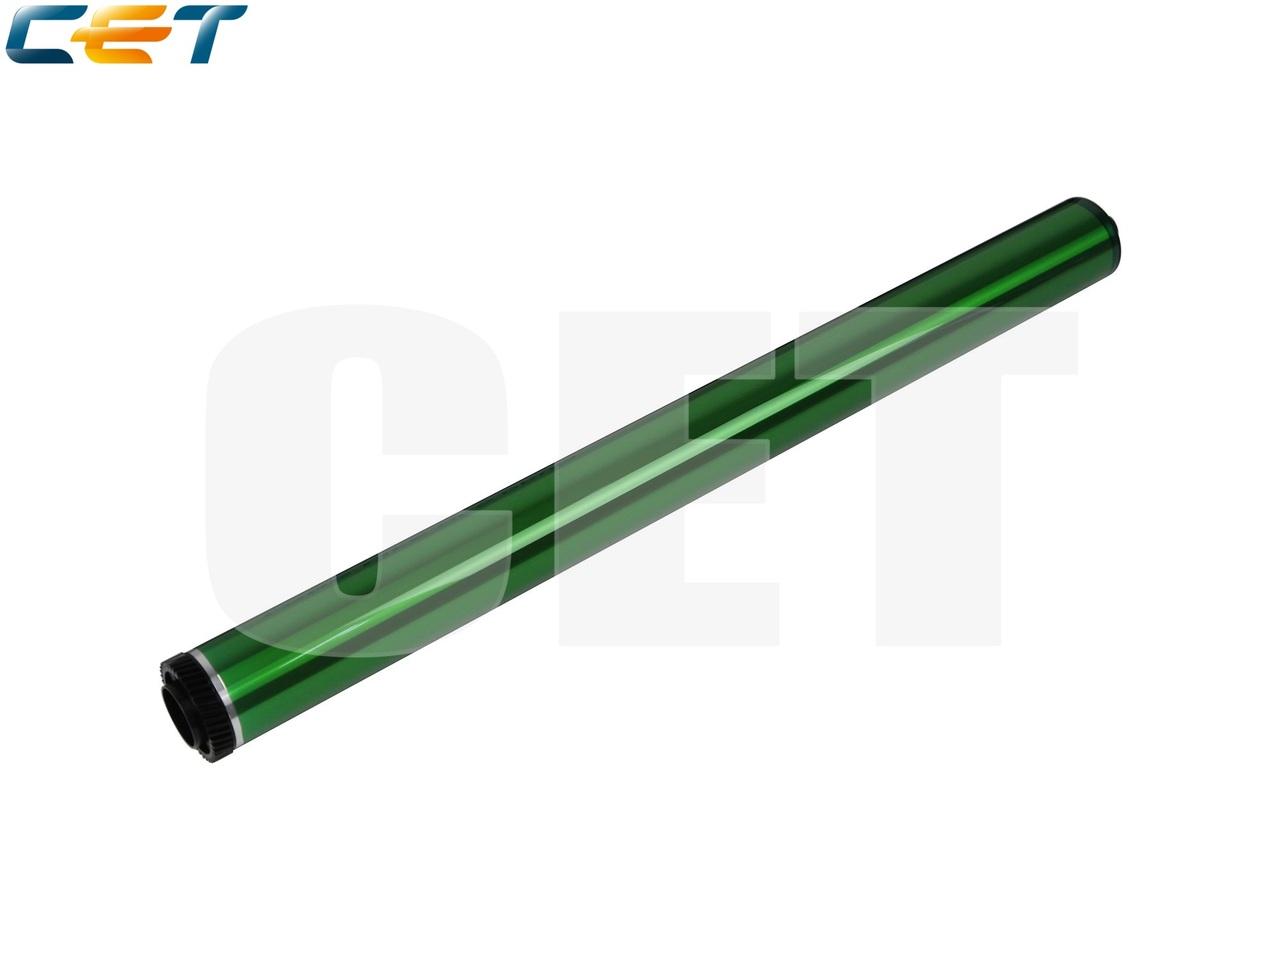 Барабан (Япония, Long life) для SHARPMX-M283N/M363U/M453U/M503U (CET), 180000 стр., CET7655